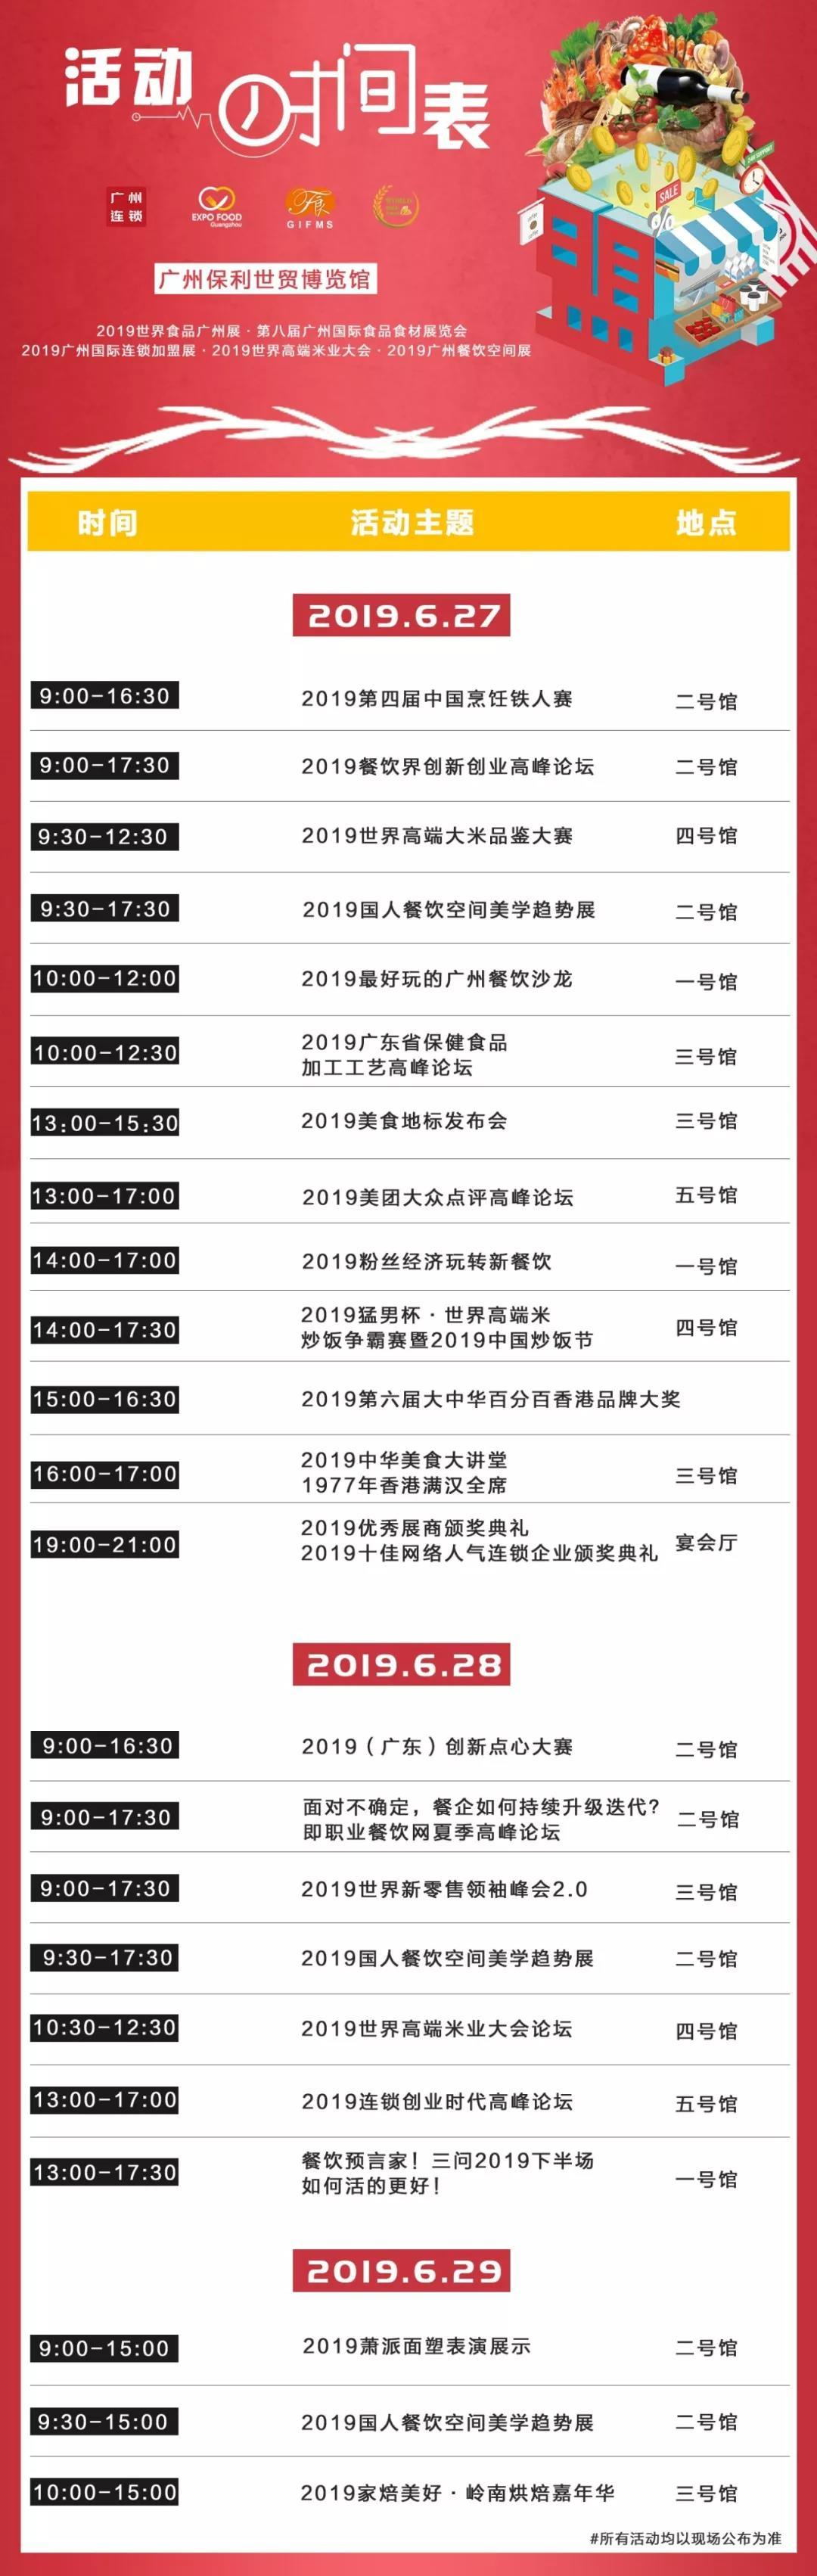 广州餐饮加盟展-活动时间表